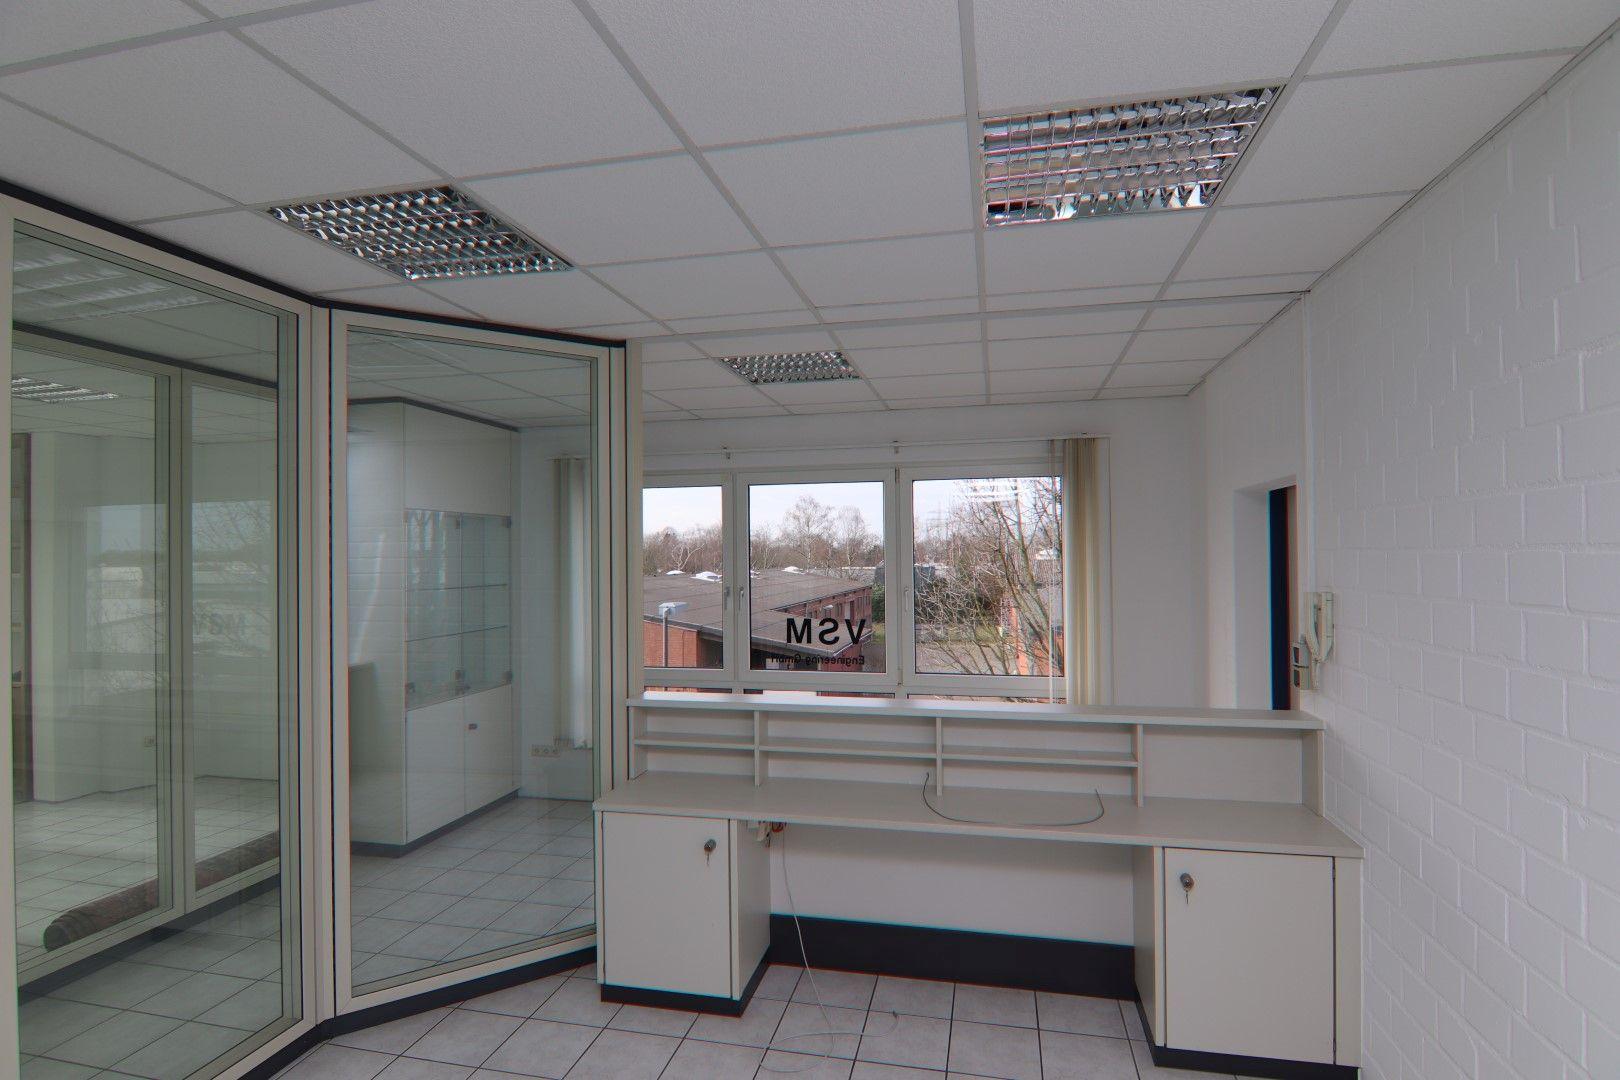 Immobilie Nr.0295 - Bürofläche mit WC-Anlage, Küche u. Aufzug - Bild 13.jpg